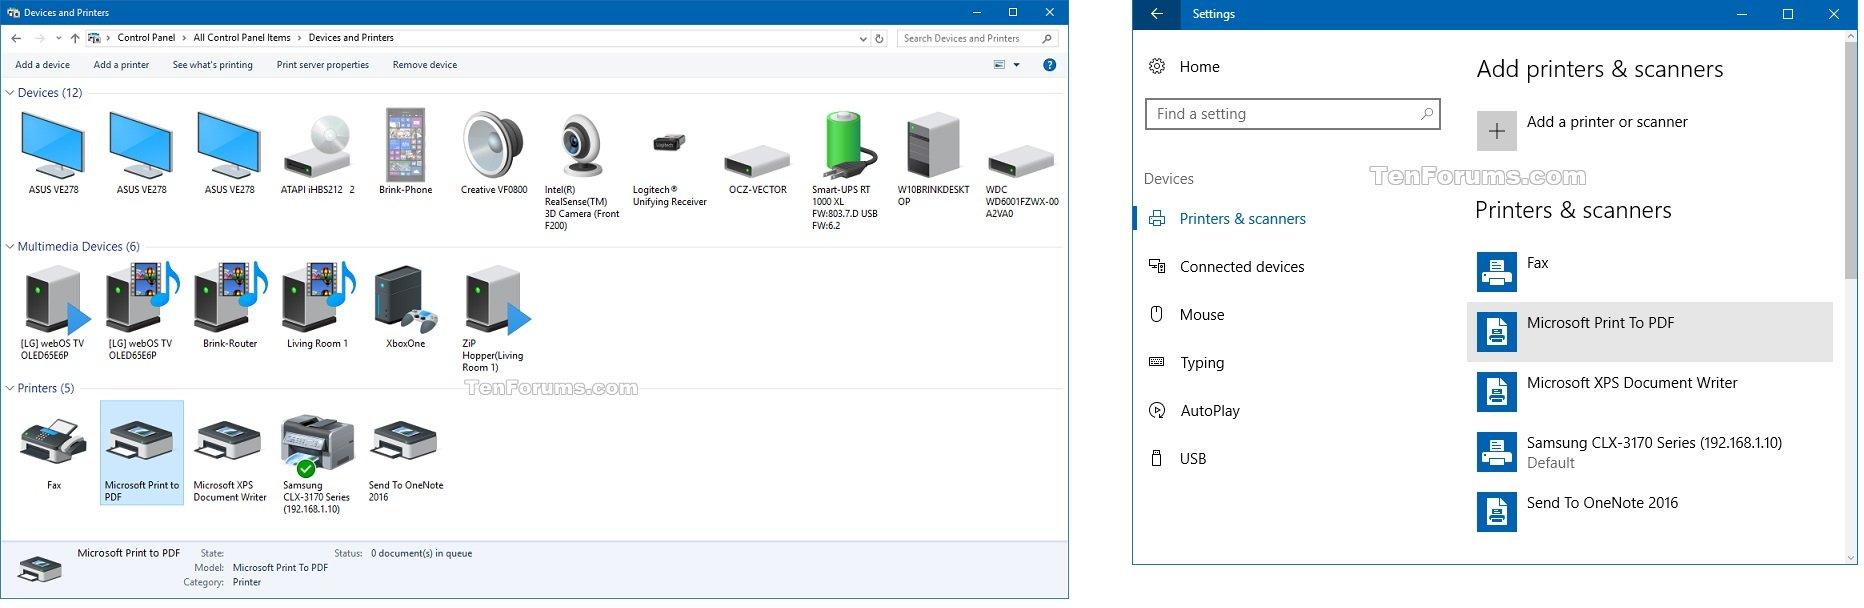 Add or Remove Microsoft Print to PDF Printer in Windows 10 ...